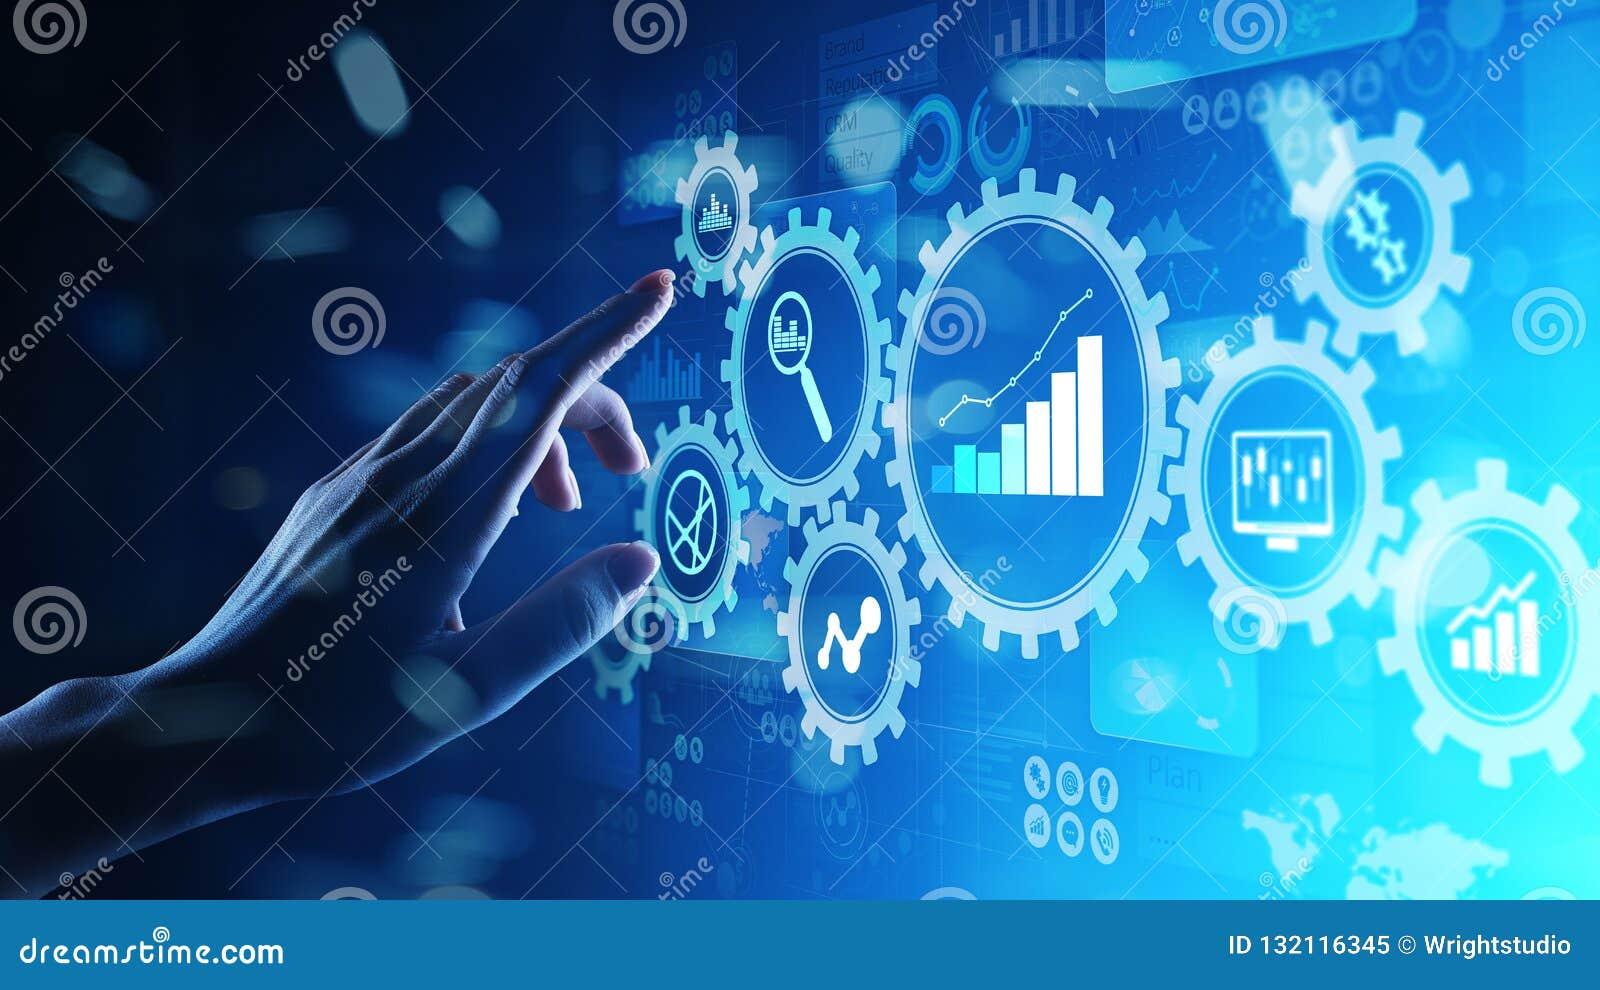 大数据分析,商业运作与齿轮的逻辑分析方法在虚屏上的图和象